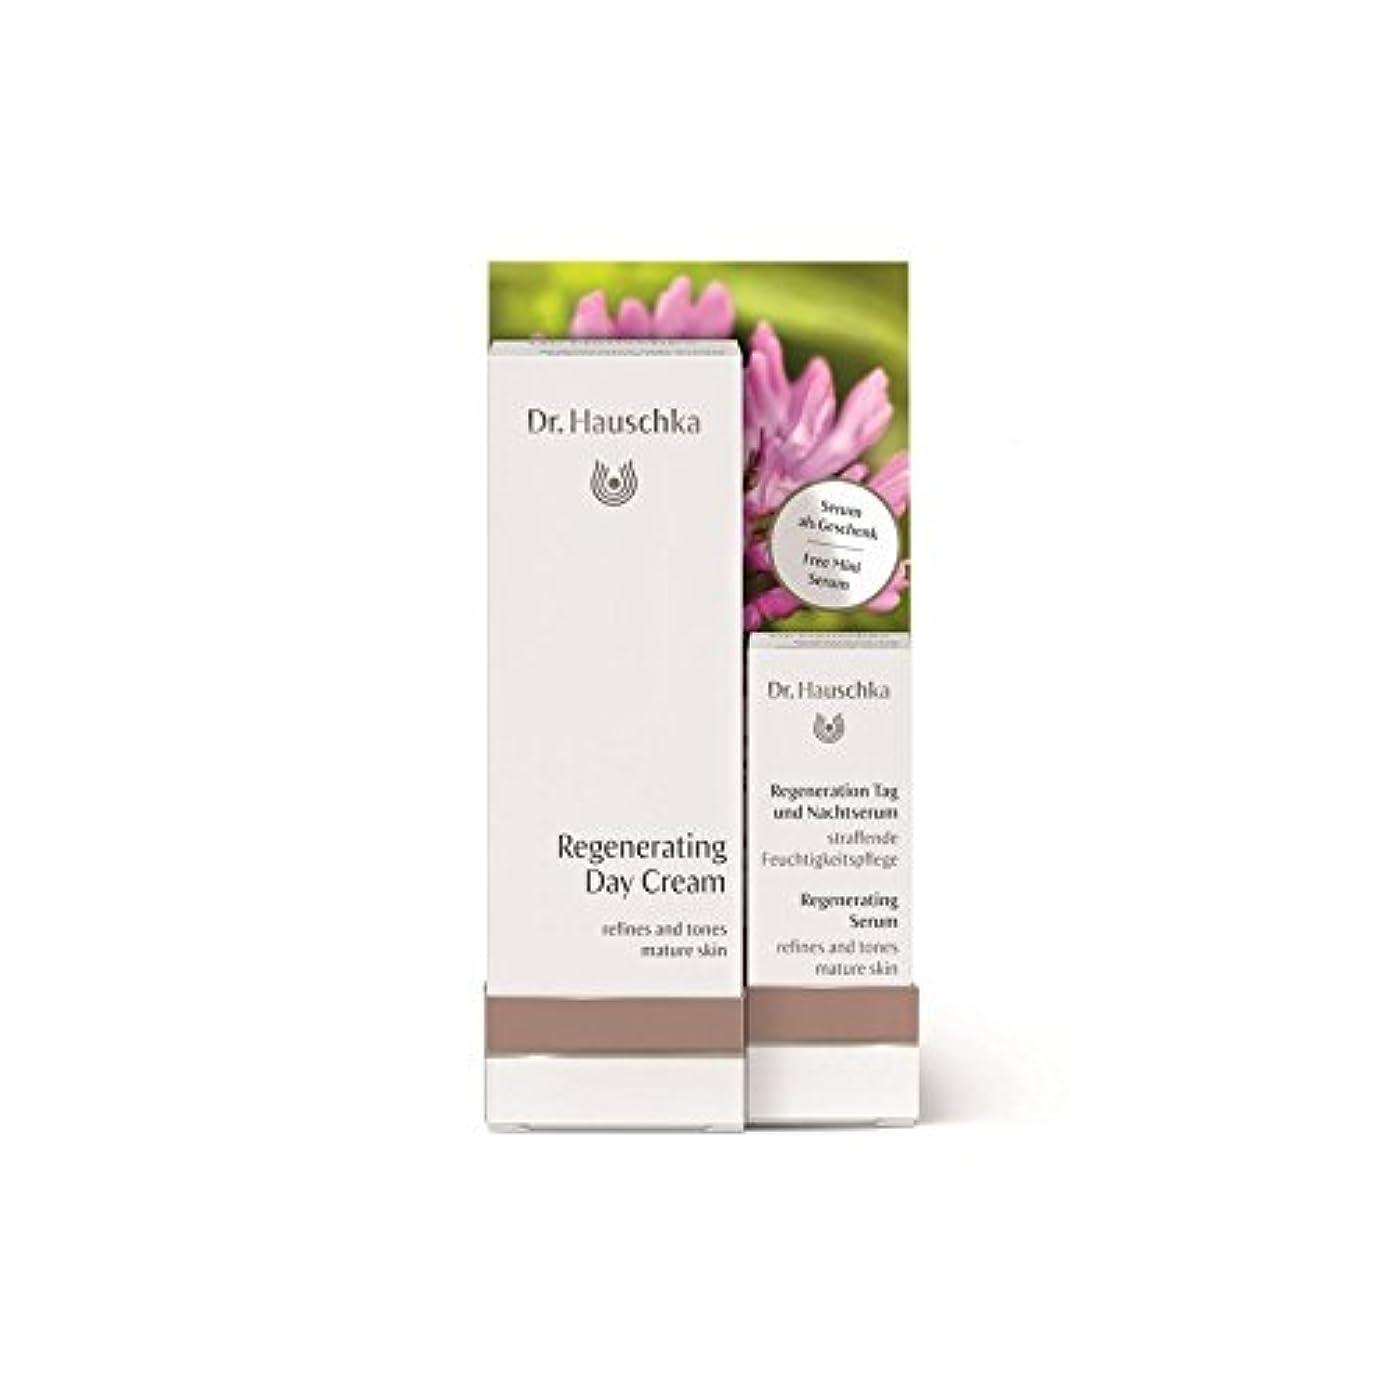 旅行者学部長耕す無料再生血清2.5ミリリットルとハウシュカ再生デイクリーム x4 - Dr. Hauschka Regenerating Day Cream with a free Regenerating Serum 2.5ml (Pack of 4) [並行輸入品]